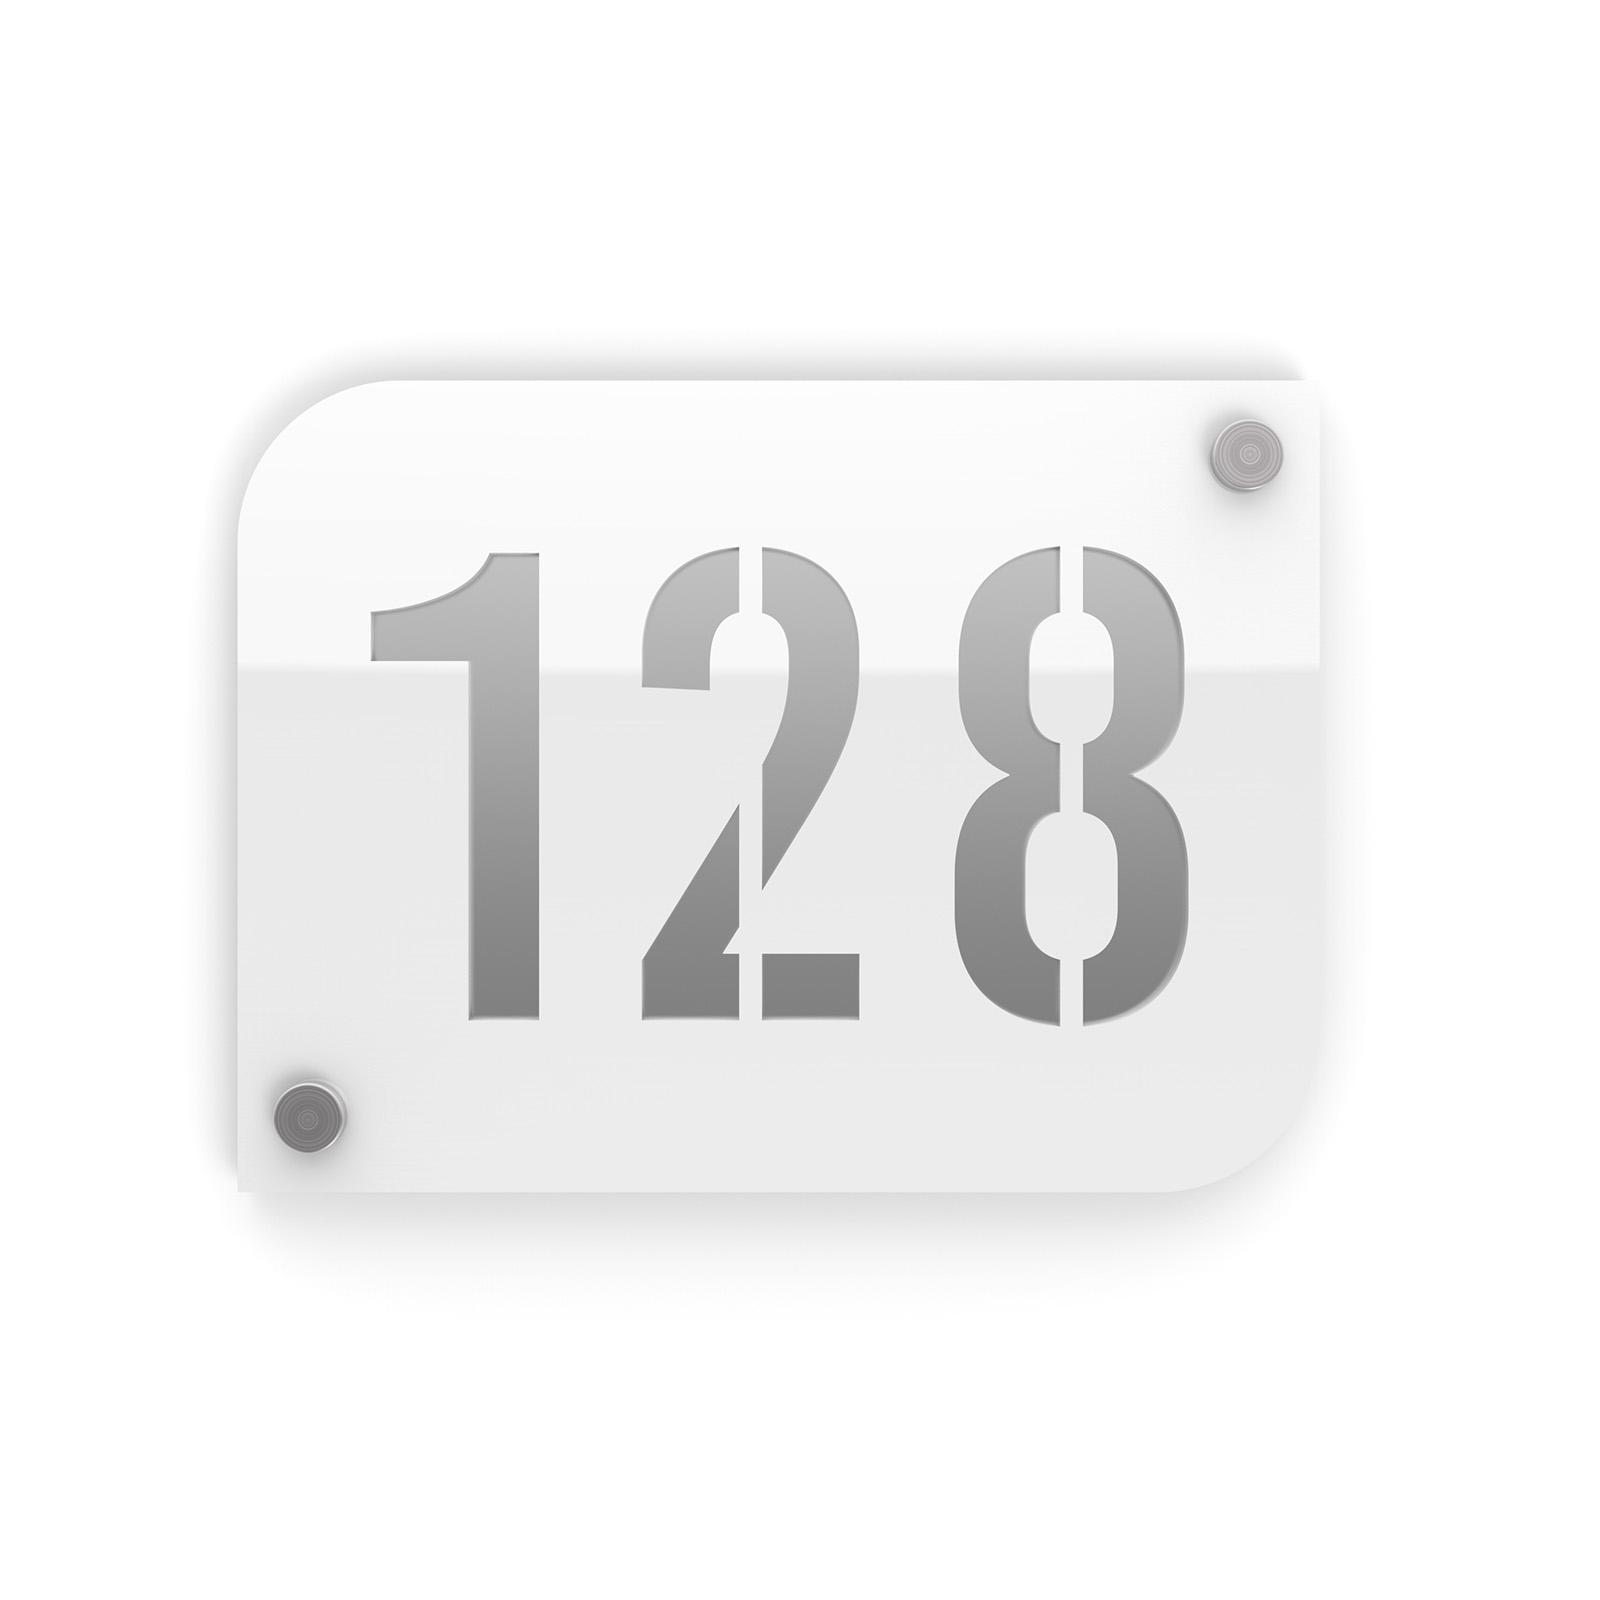 Plaque numéro de rue / maison blanc design avec fond personnalisable - Modèle URBAN